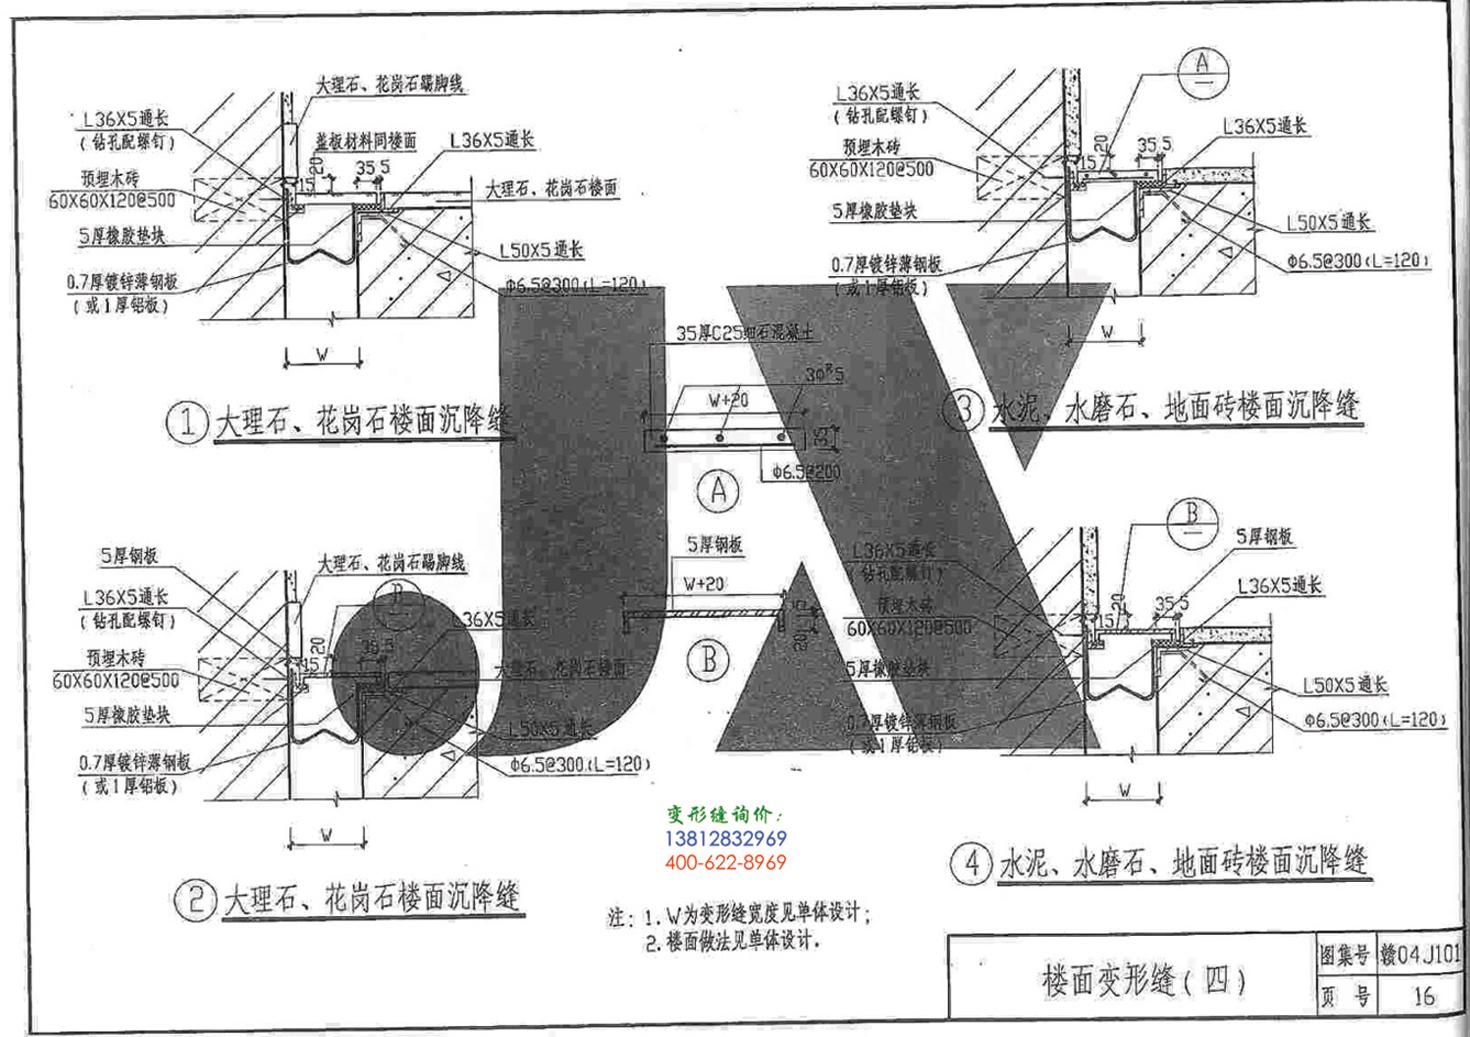 赣04J101变形缝图集p16